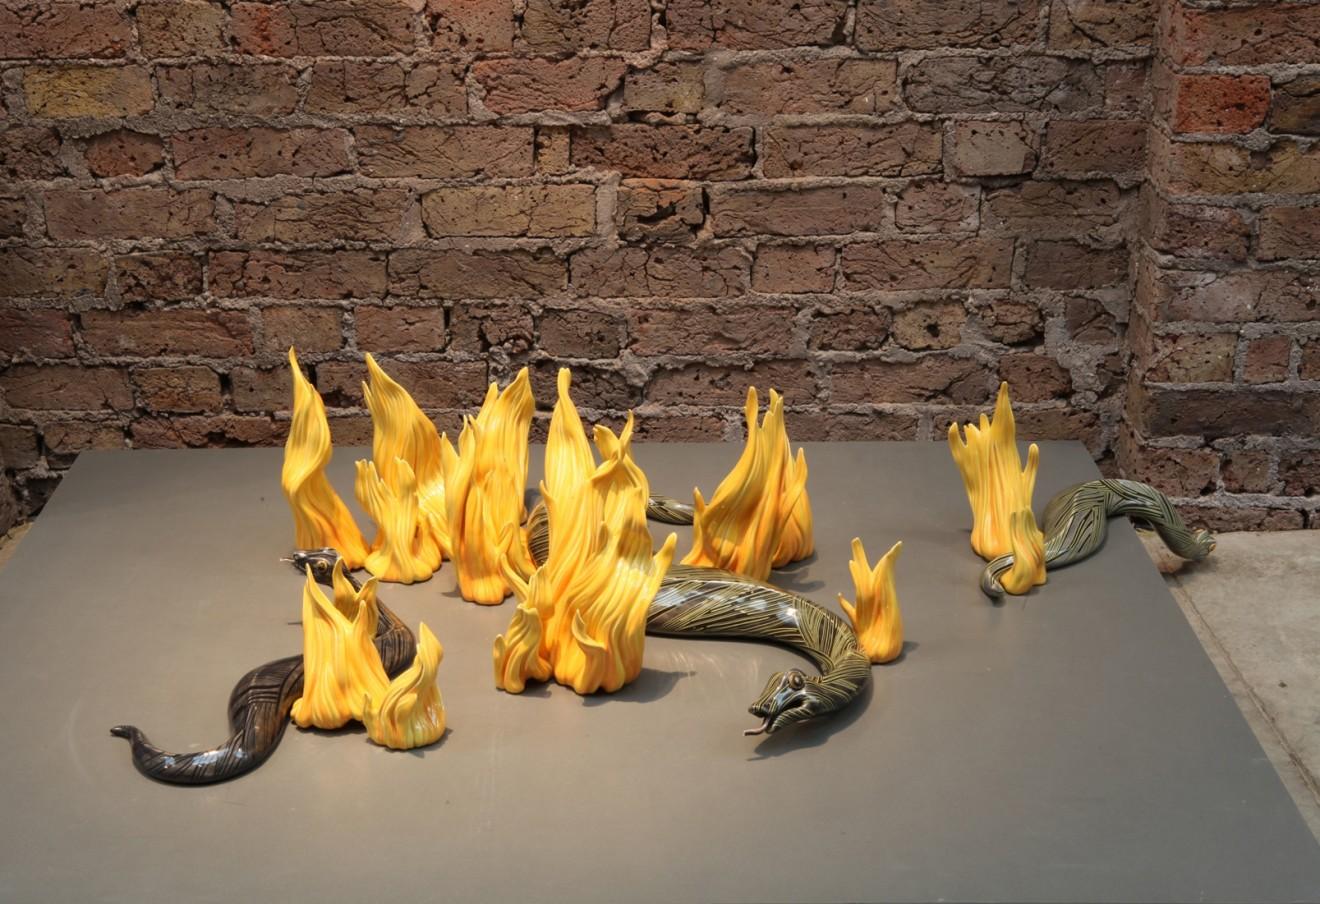 Malene Hartmann Rasmussen  Fire Walk With Me, 2010  Glazed ceramic  35 x 50 x 100 cm